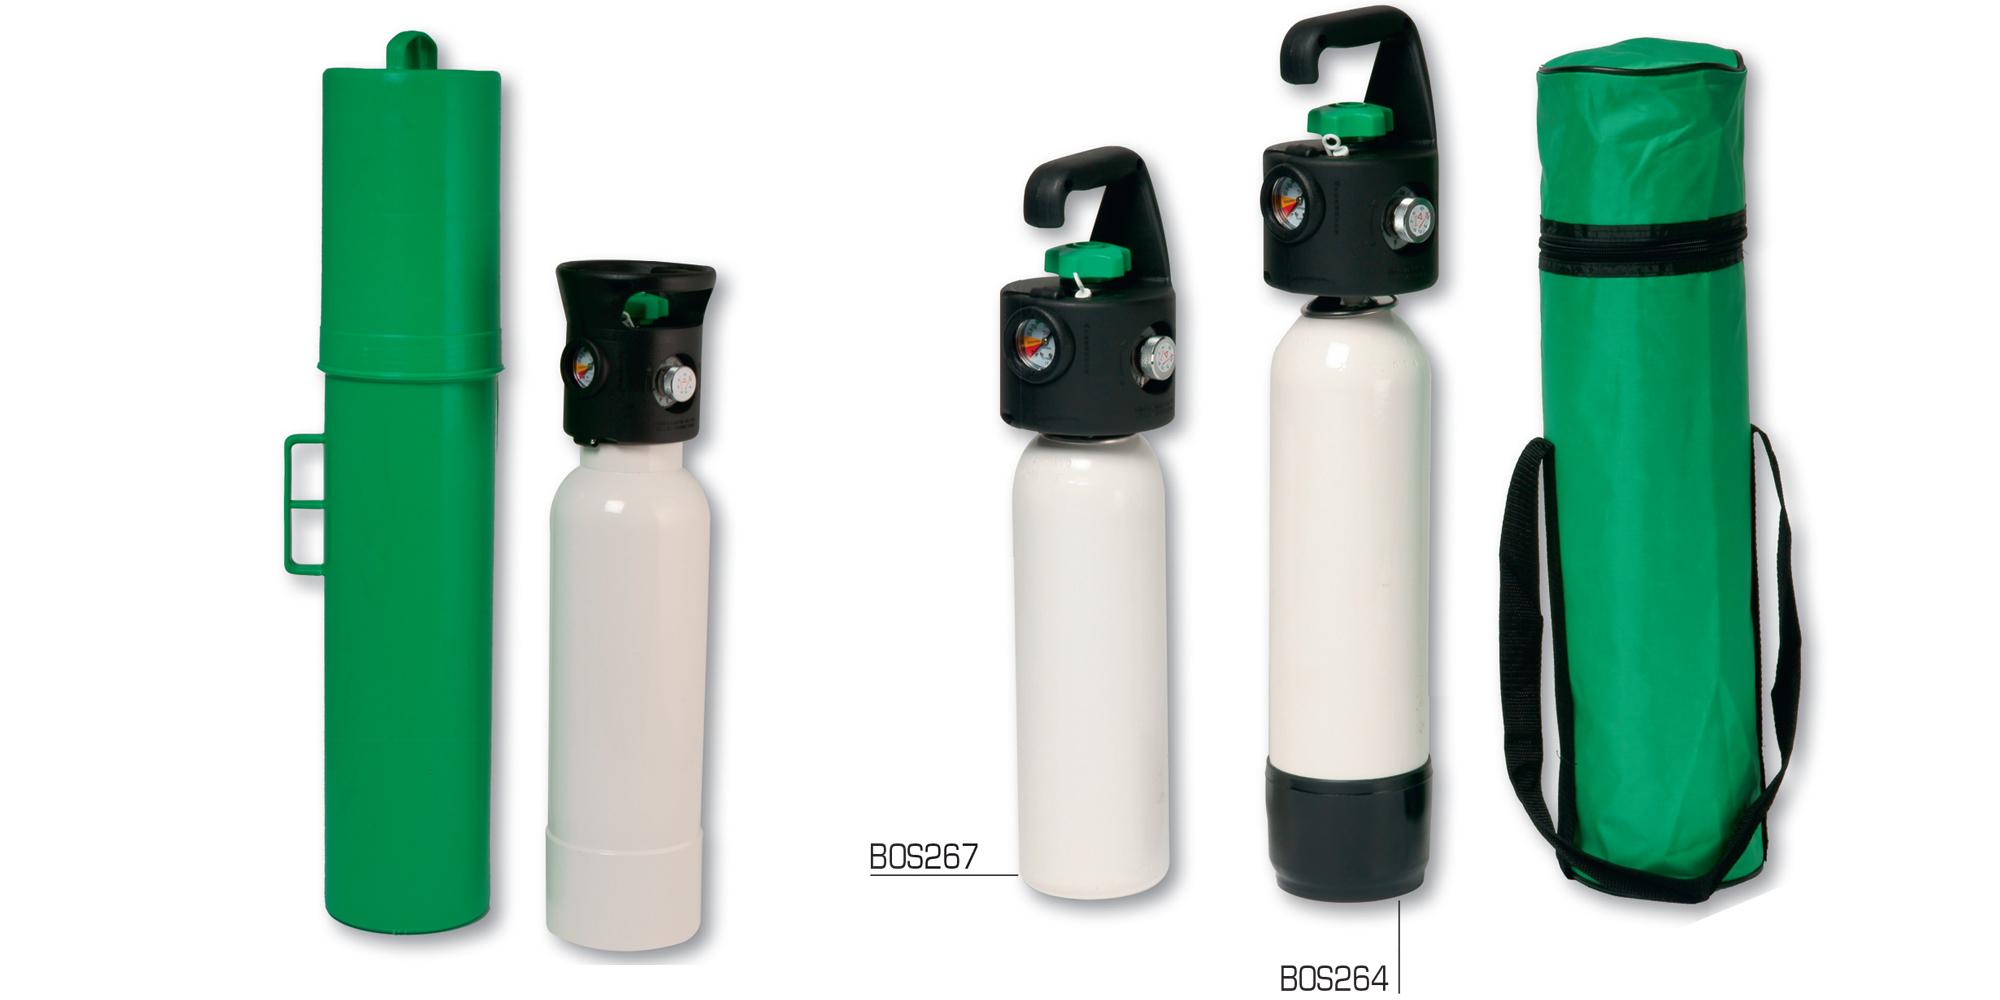 Vendita estintori materiale antincendio ed antinfortunistica - Carrello porta bombola ossigeno portatile ...